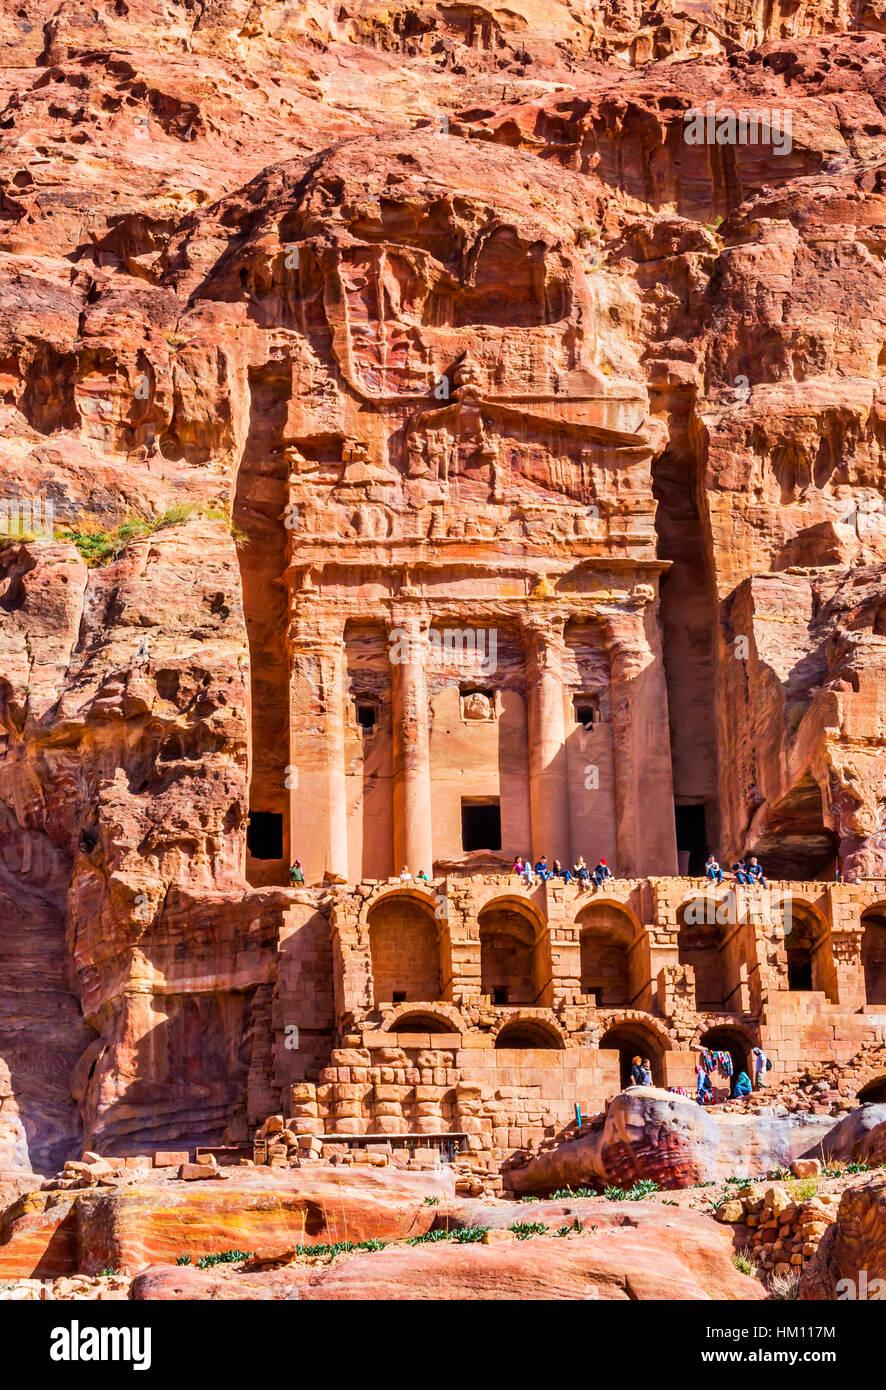 La tumba de roca Arch turistas Petra Jordania. Construido por el Nabataens en 200 A.C. hasta 400 D.C.. Imagen De Stock